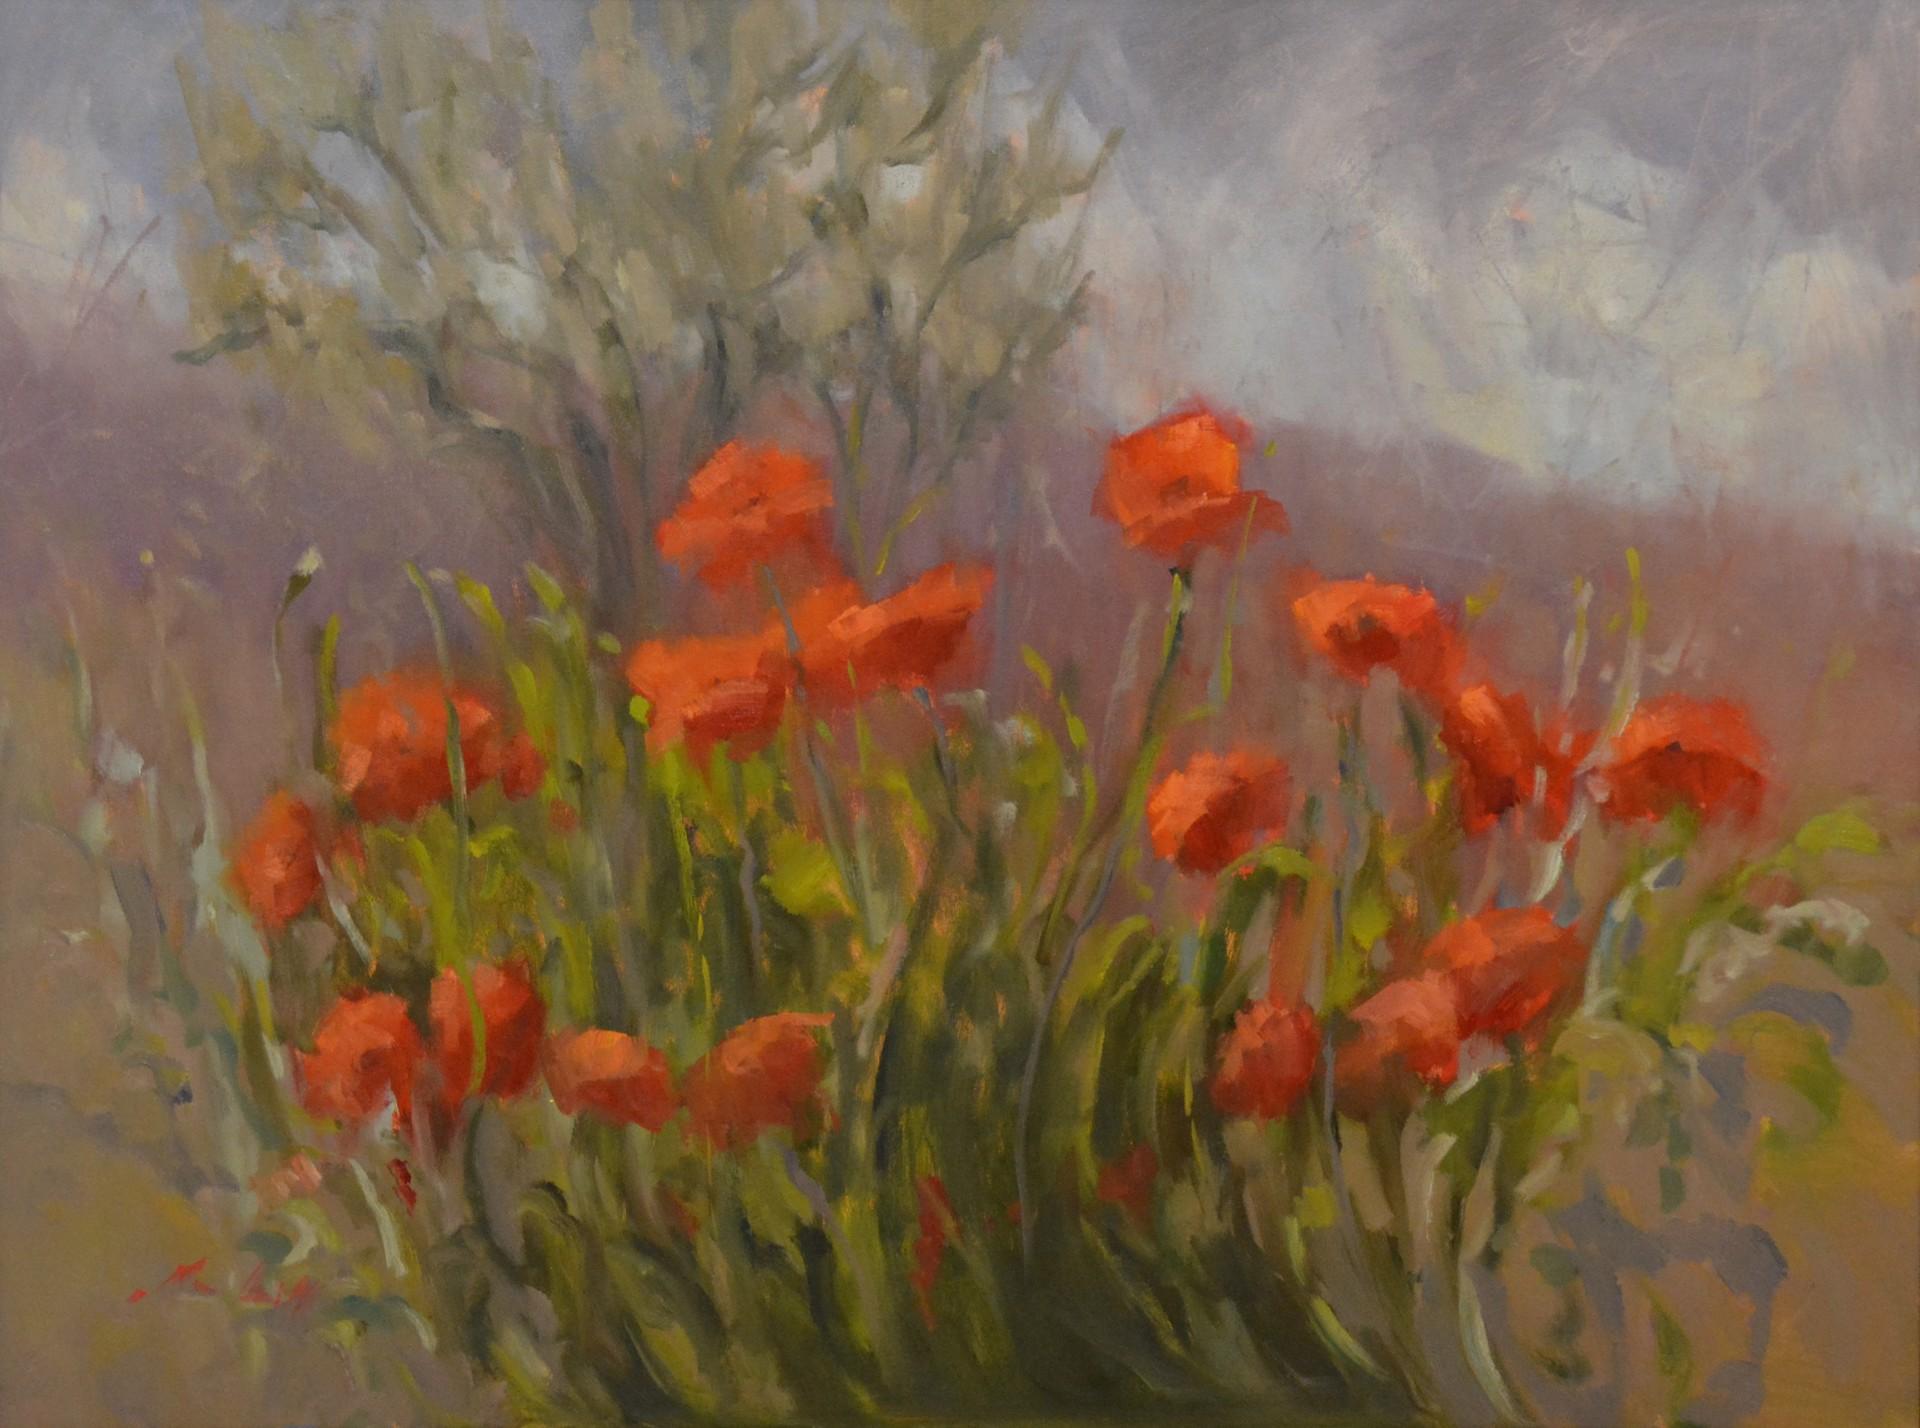 Wild Poppies of Umbria by Karen Hewitt Hagan